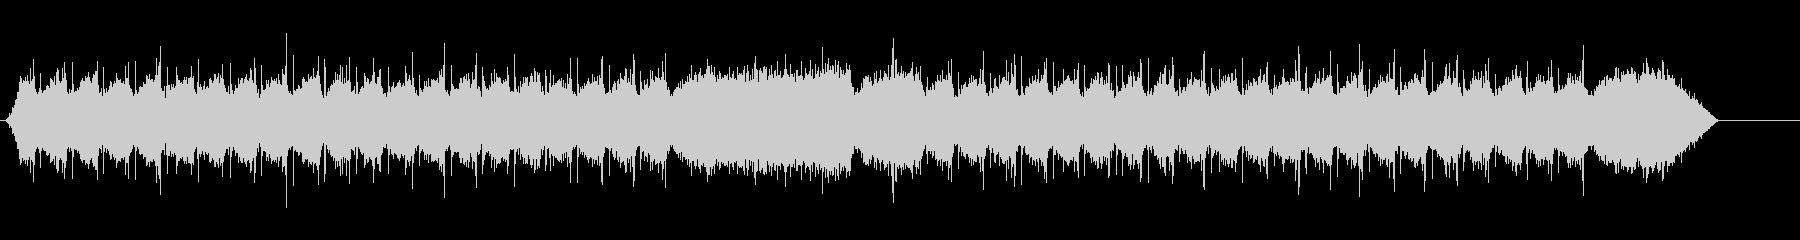 ボックスファクトリーの未再生の波形